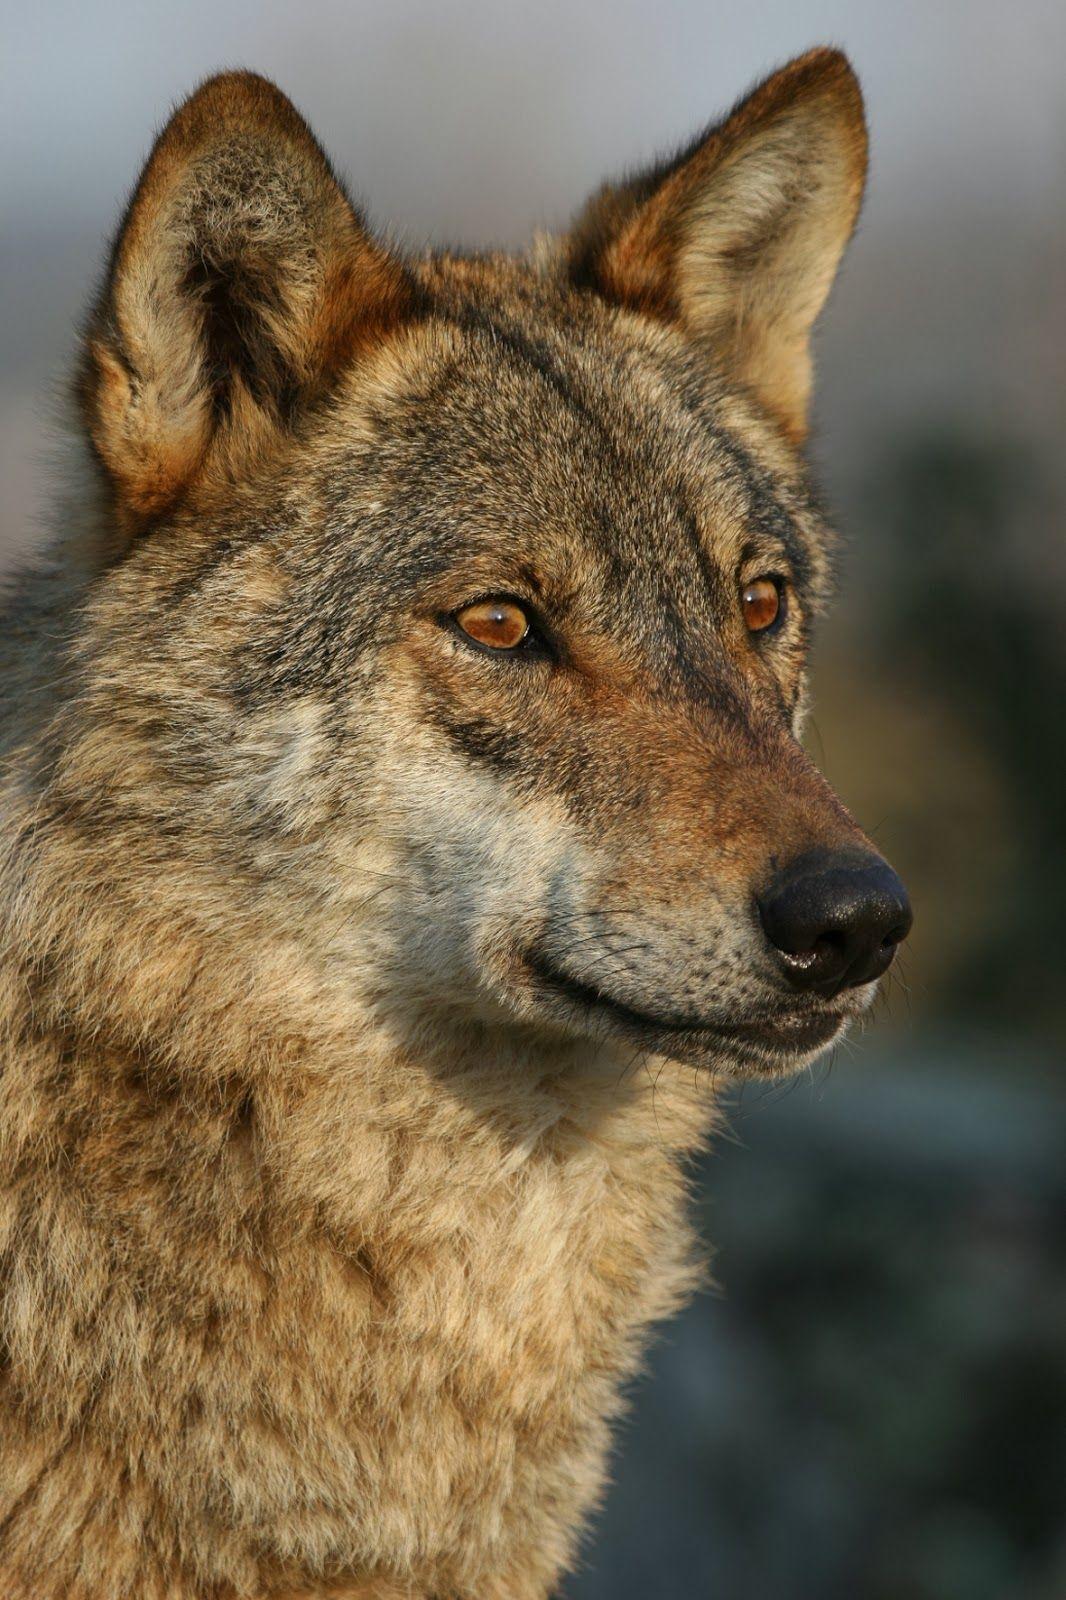 0611140856 Lobo Iberico 5 Jpg 1066 1600 Animales En Peligro De Extincion Fotos De Lobo Lobo Bosque